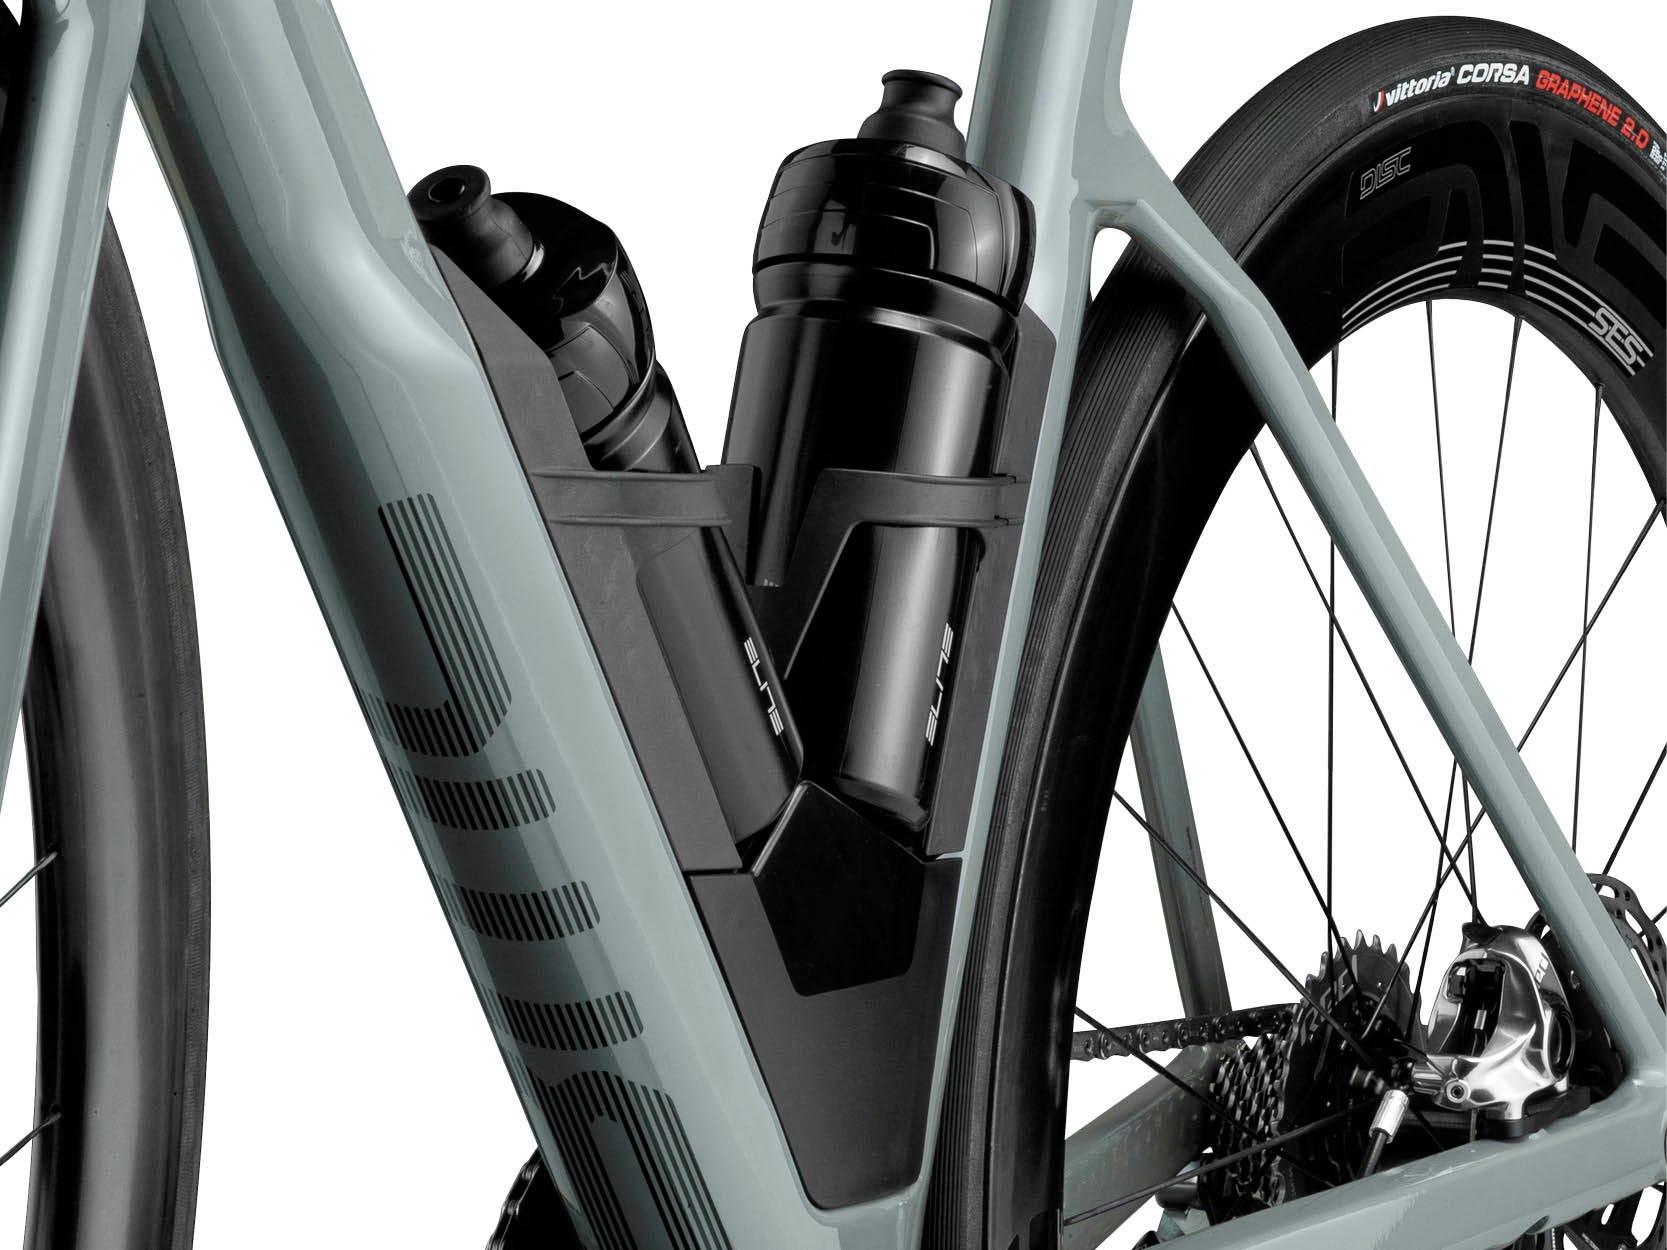 Bicykl BMC a přepravní prostor integrovaný pod držáky na láhve.